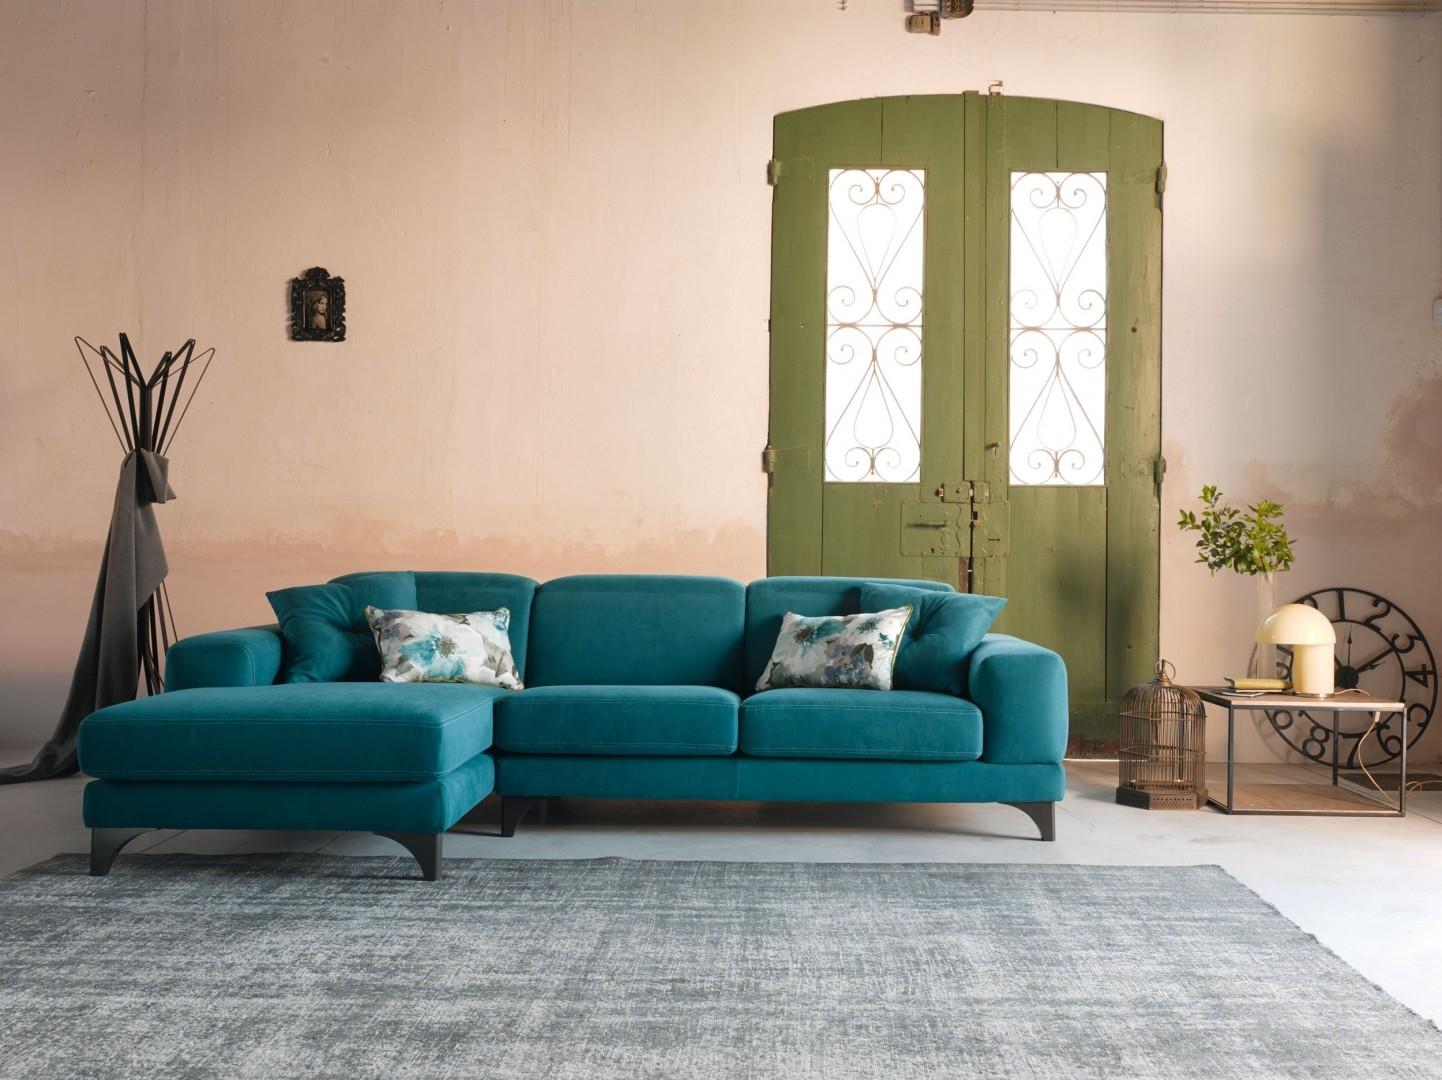 Divano con chaise longue harvey scontato del 35 divani for Outlet arredamento divani